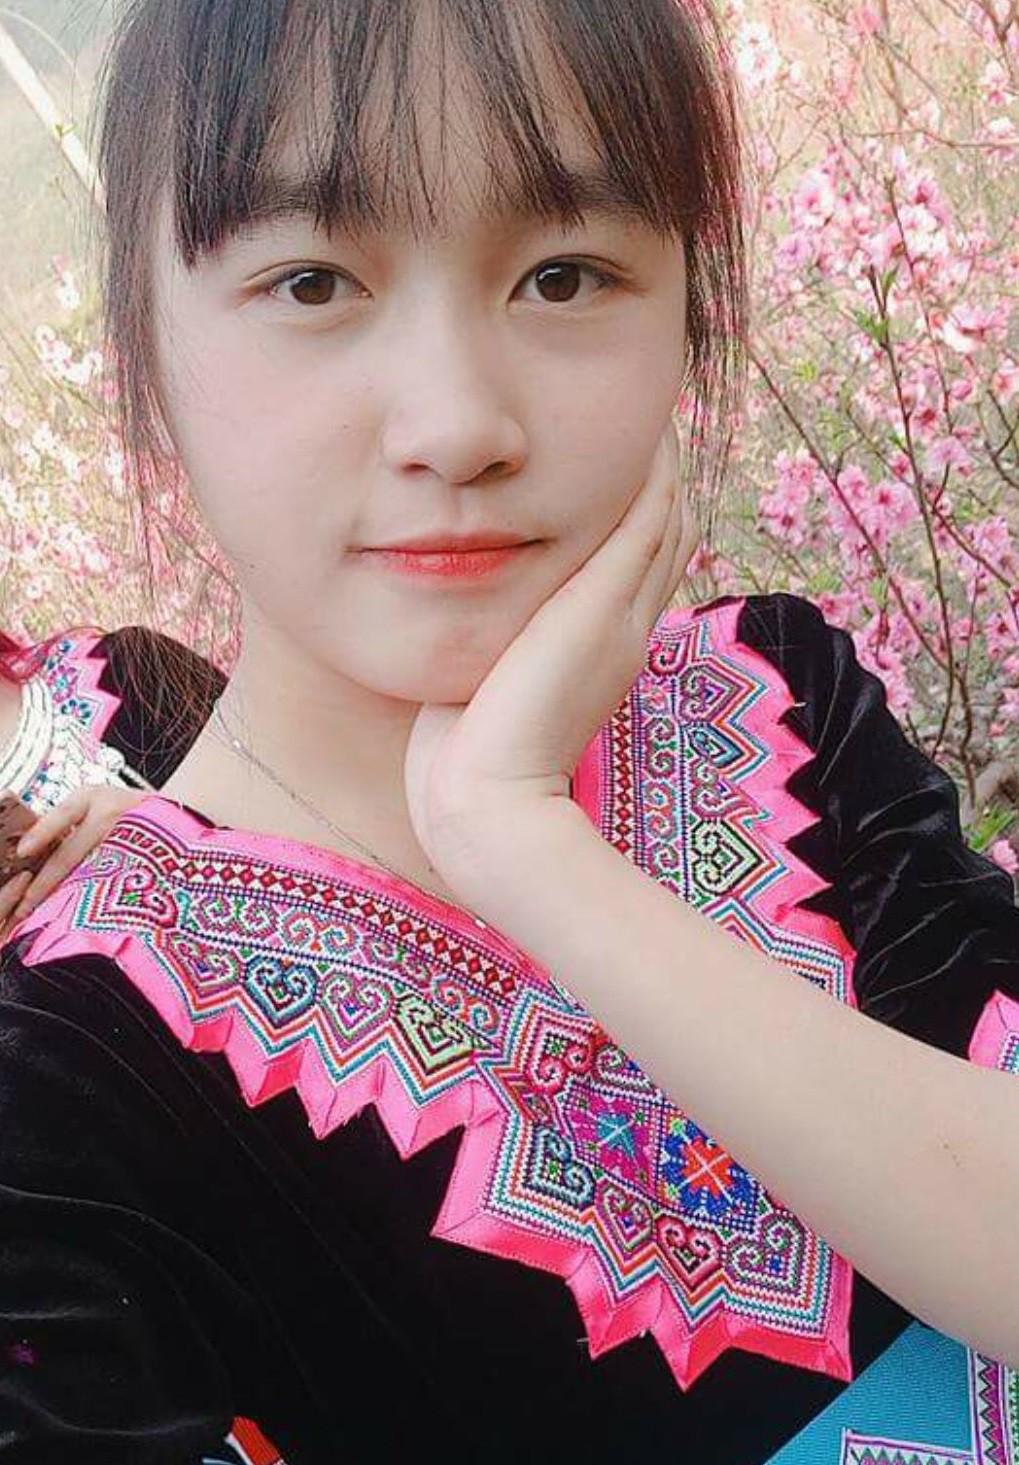 Cộng đồng mạng truy tìm tung tích cô gái xinh đẹp bán cơm lam gây sốt tại Sapa